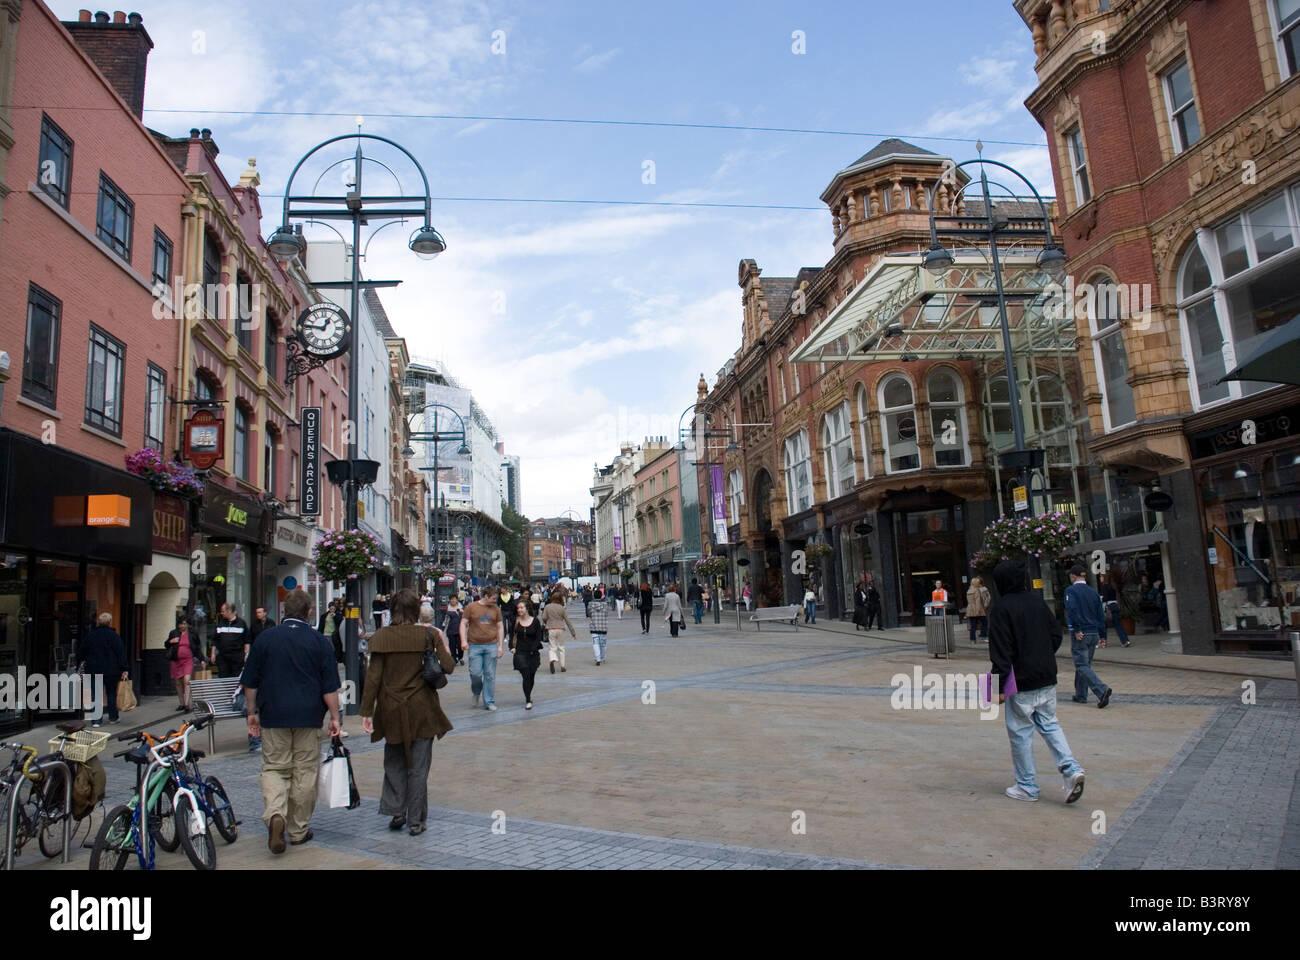 Shopping on Briggate, Leeds. - Stock Image